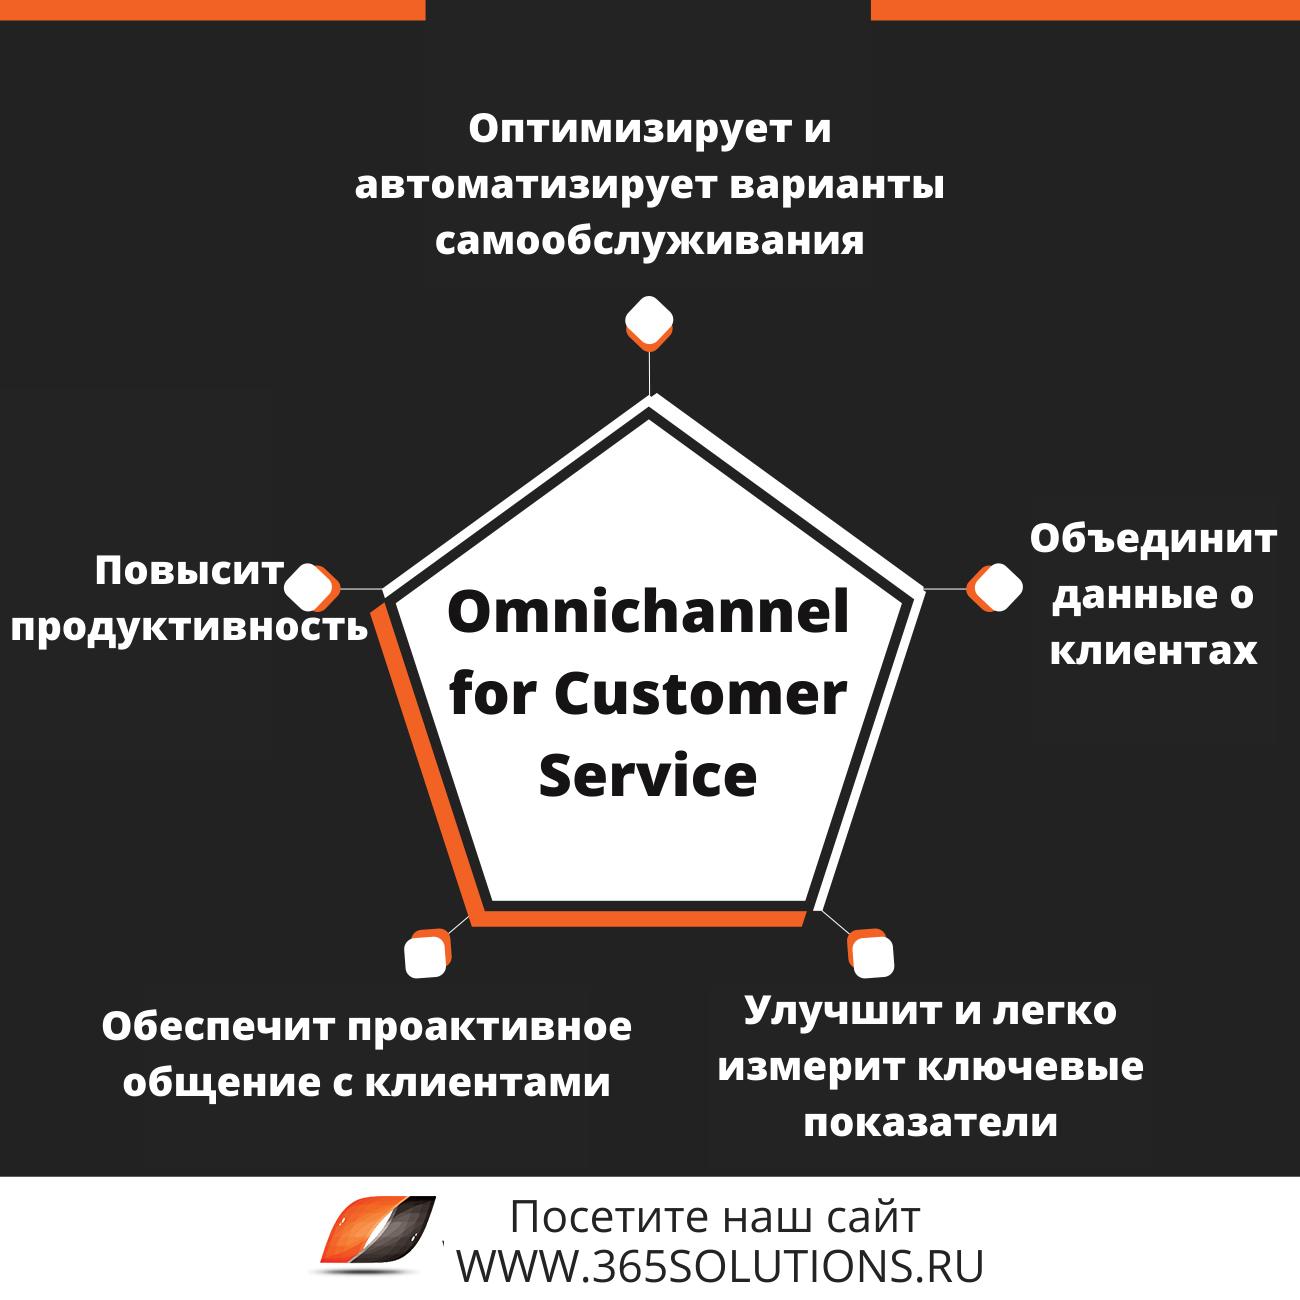 Омниканальность для бизнеса от Microsoft Omnichannel for Customer Service 3